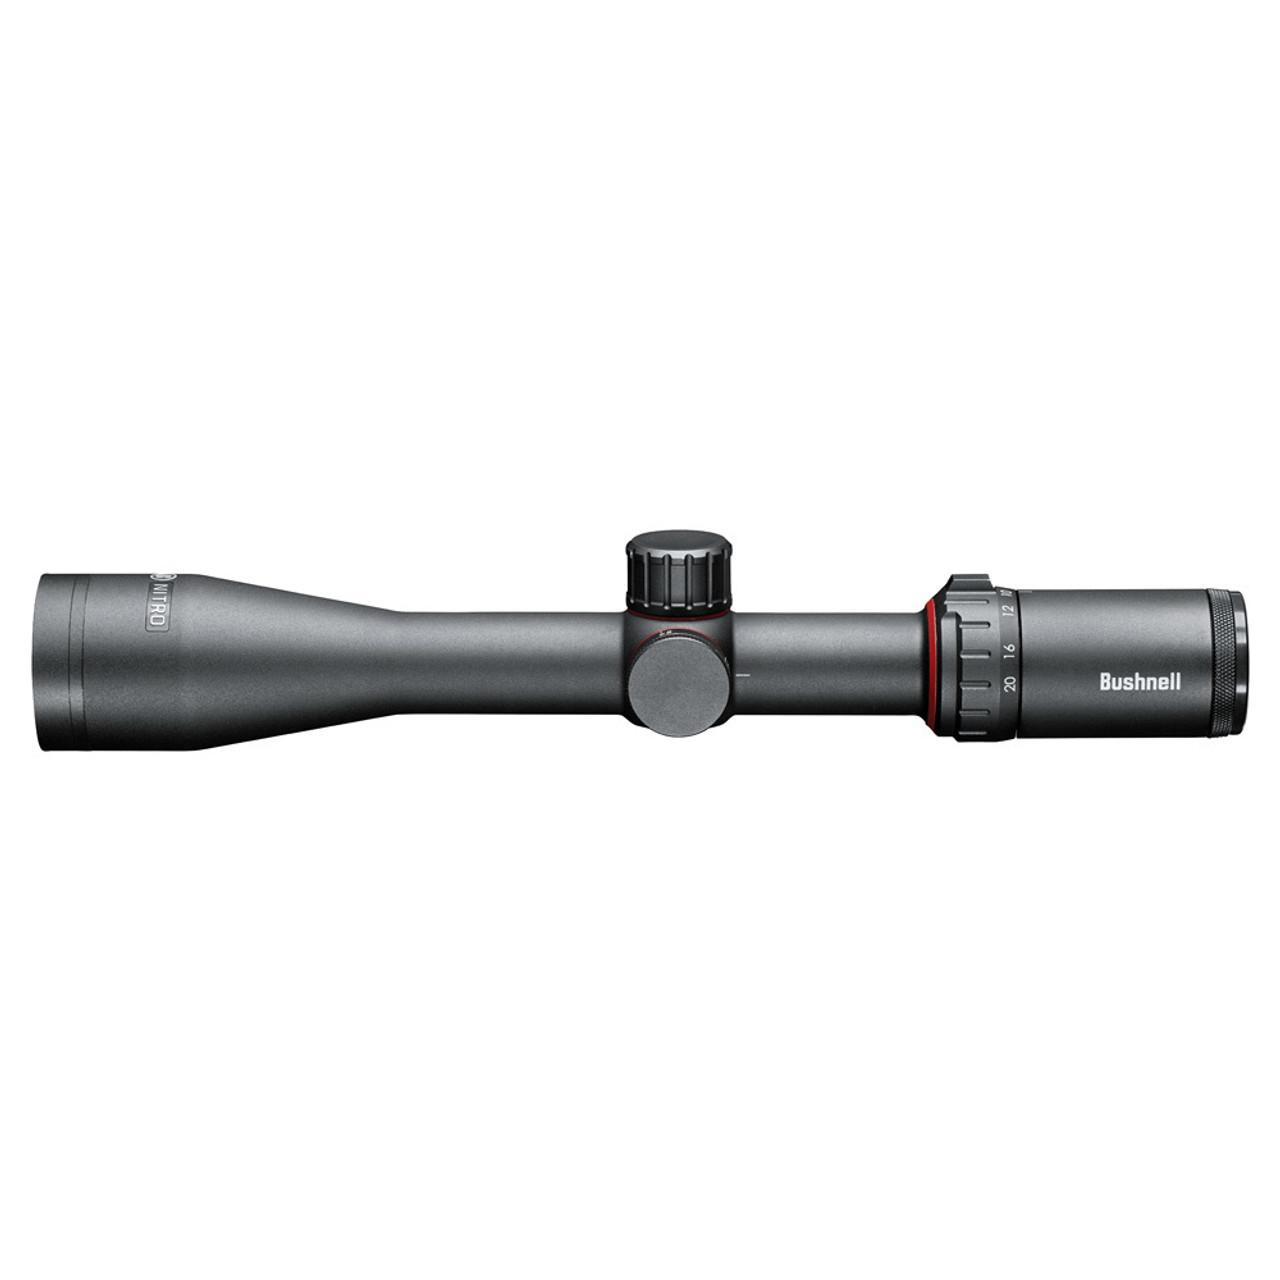 Bushnell Nitro 5-20x44 Deploy MOA (FFP) Black